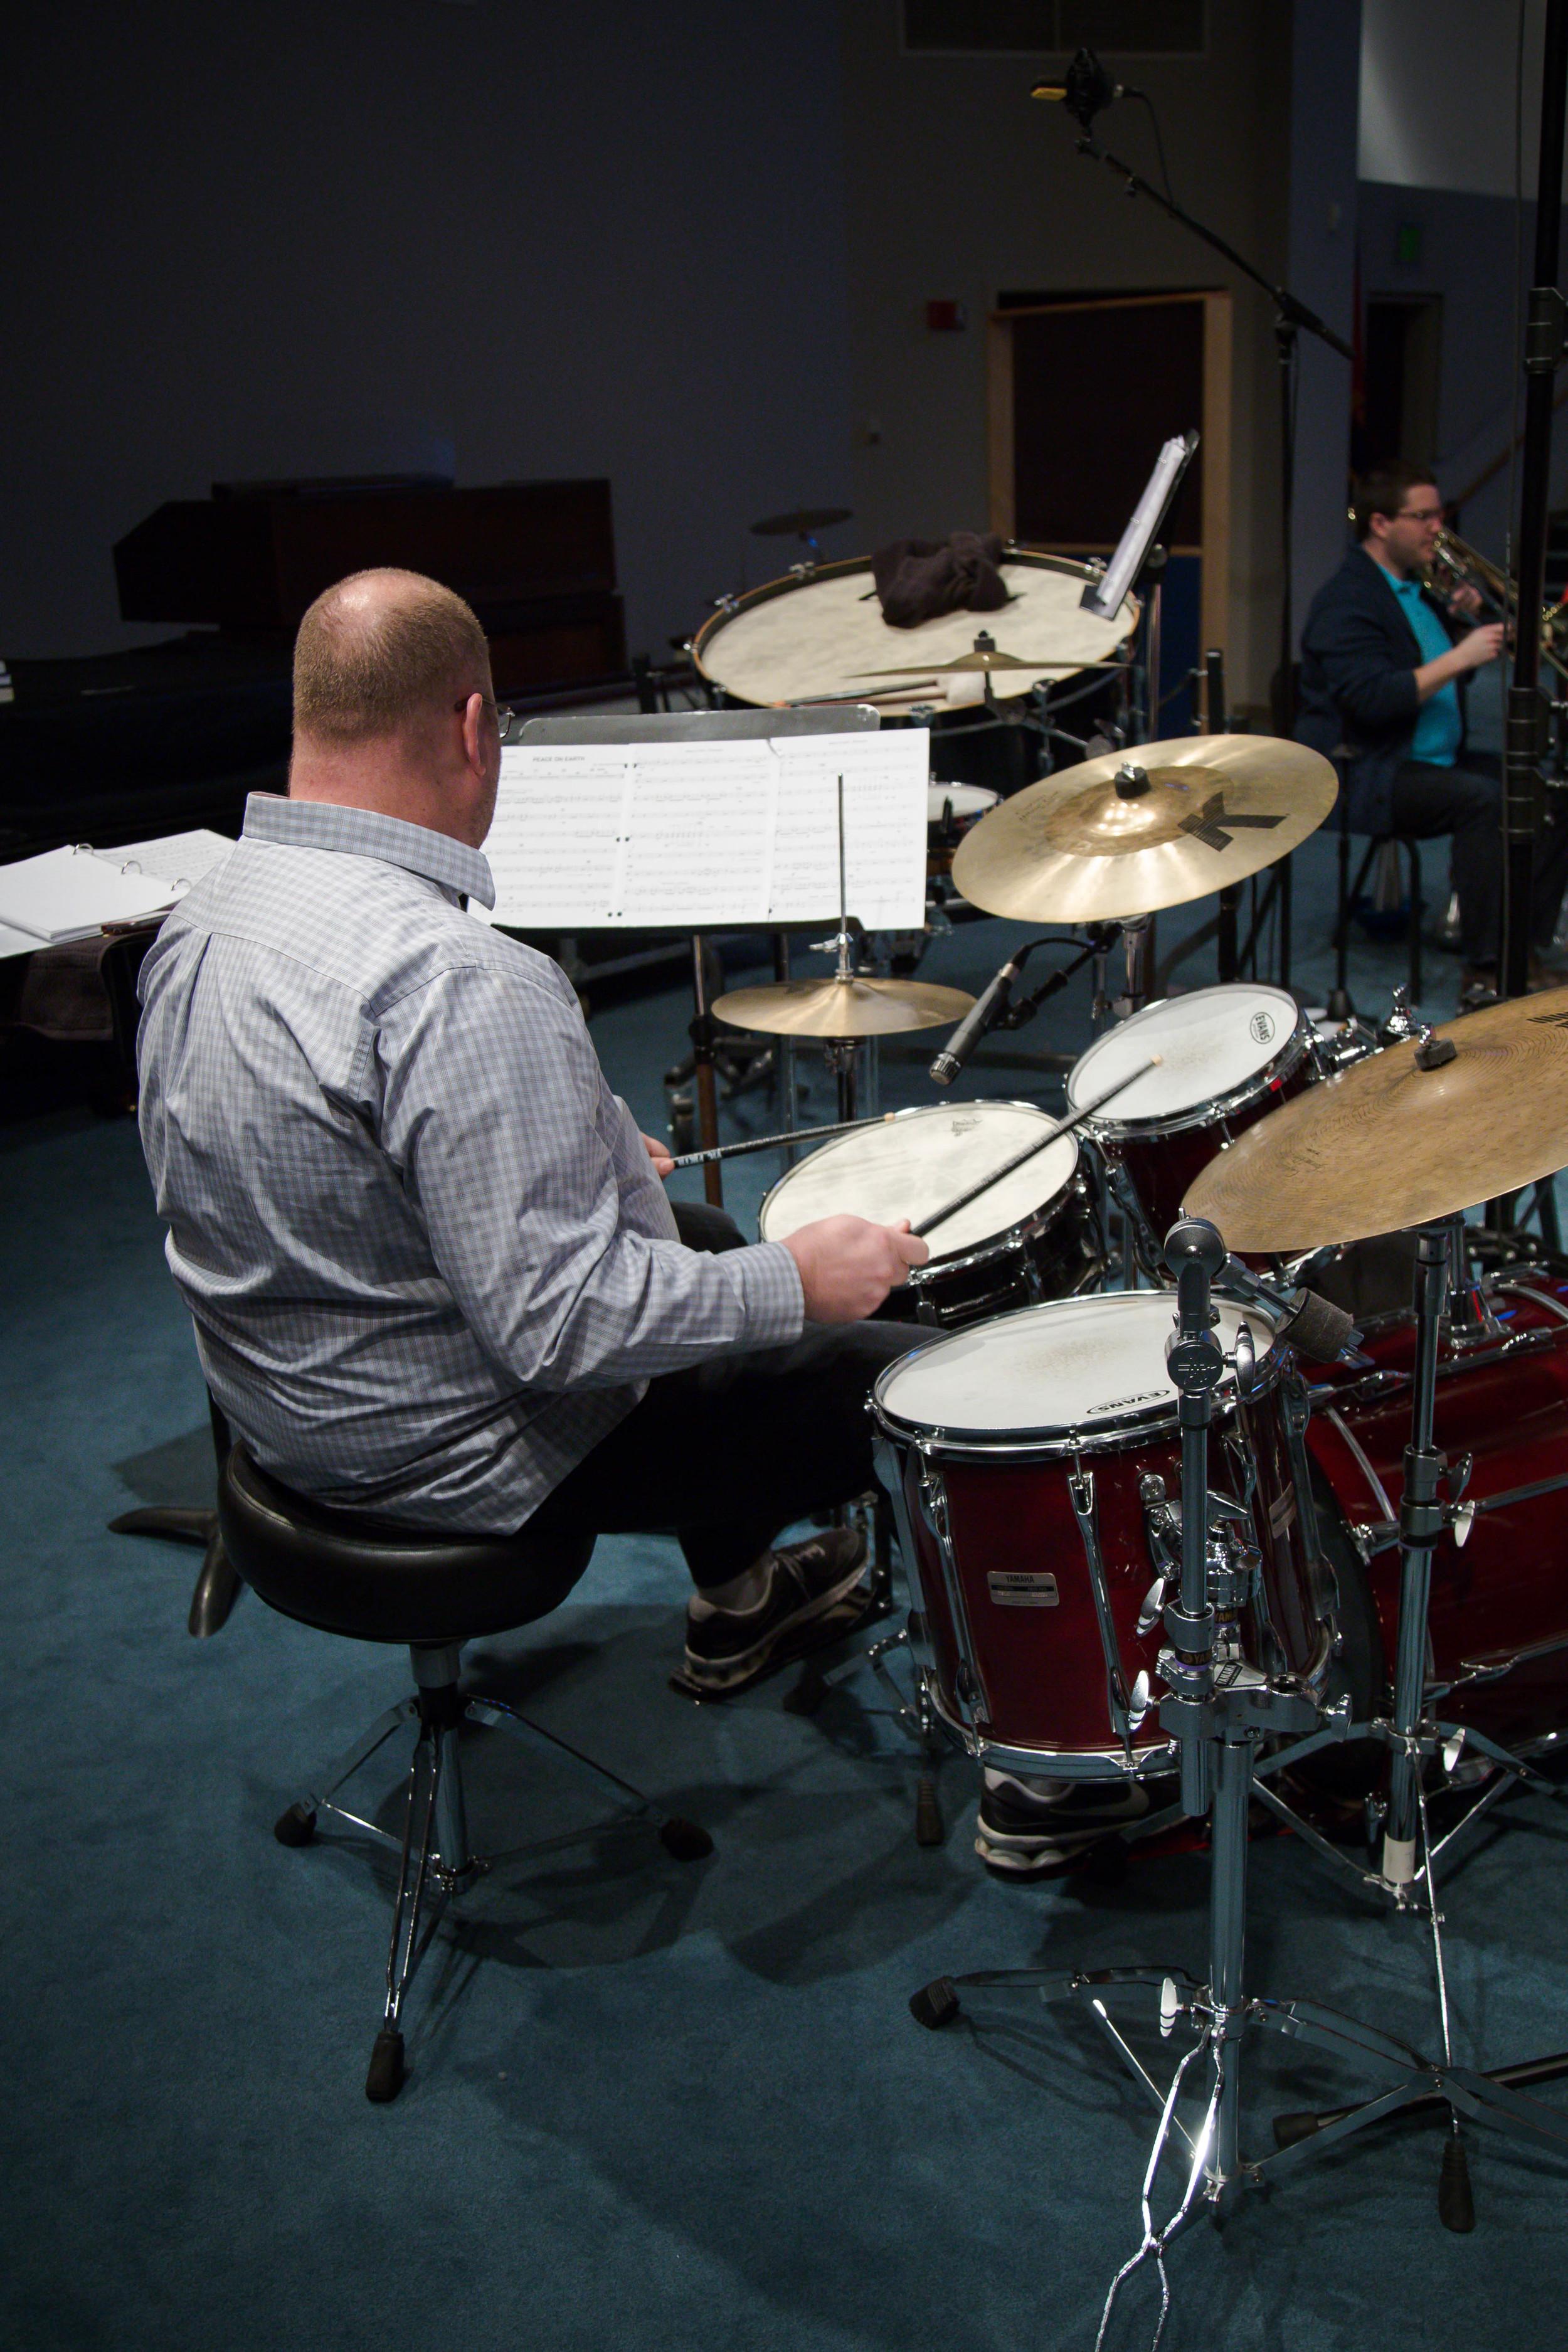 Bernie at the drum set